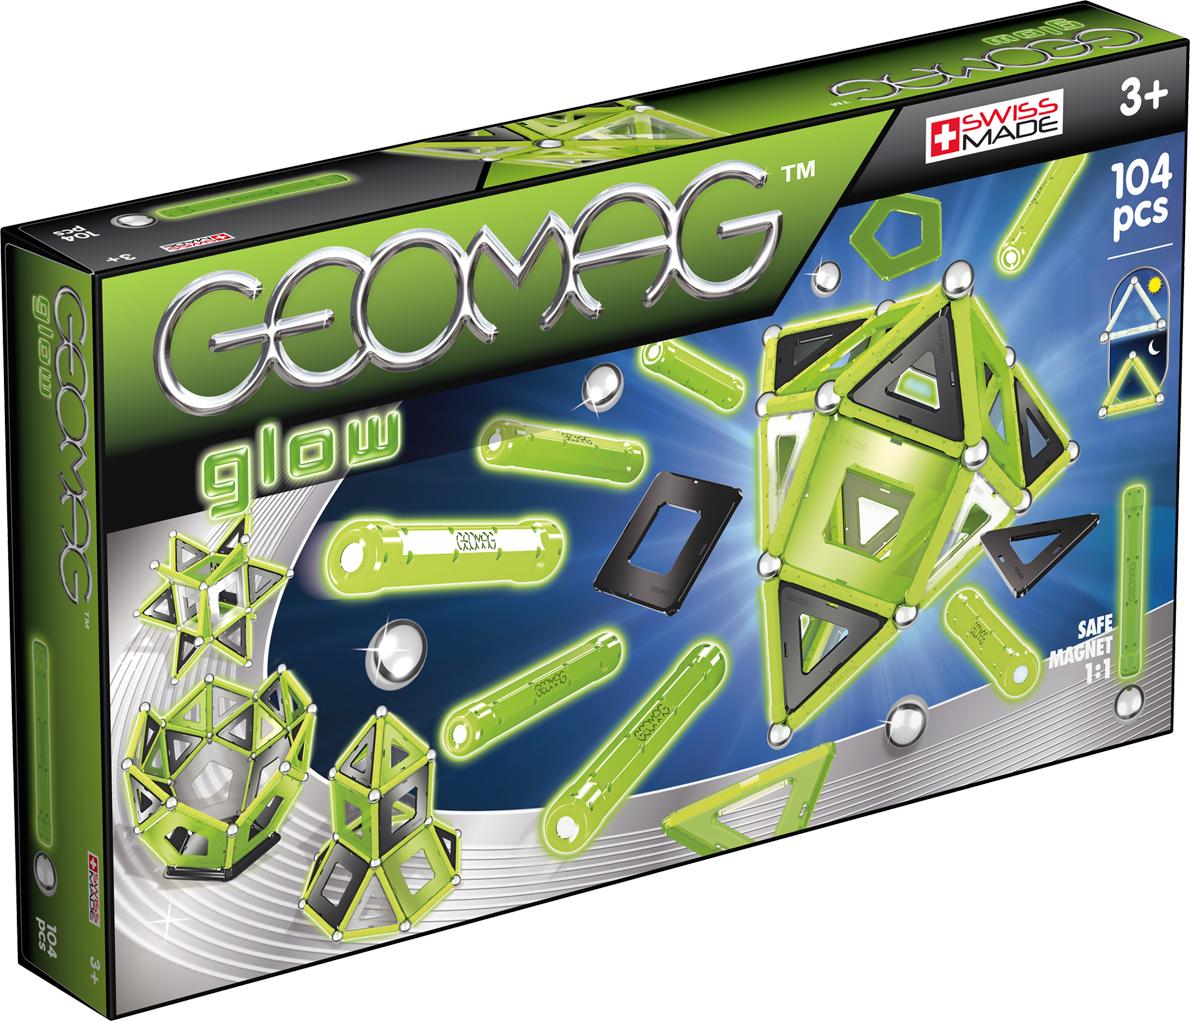 Geomag Конструктор магнитный Glow 104 элемента geomag конструктор магнитный mechanics 164 элемента